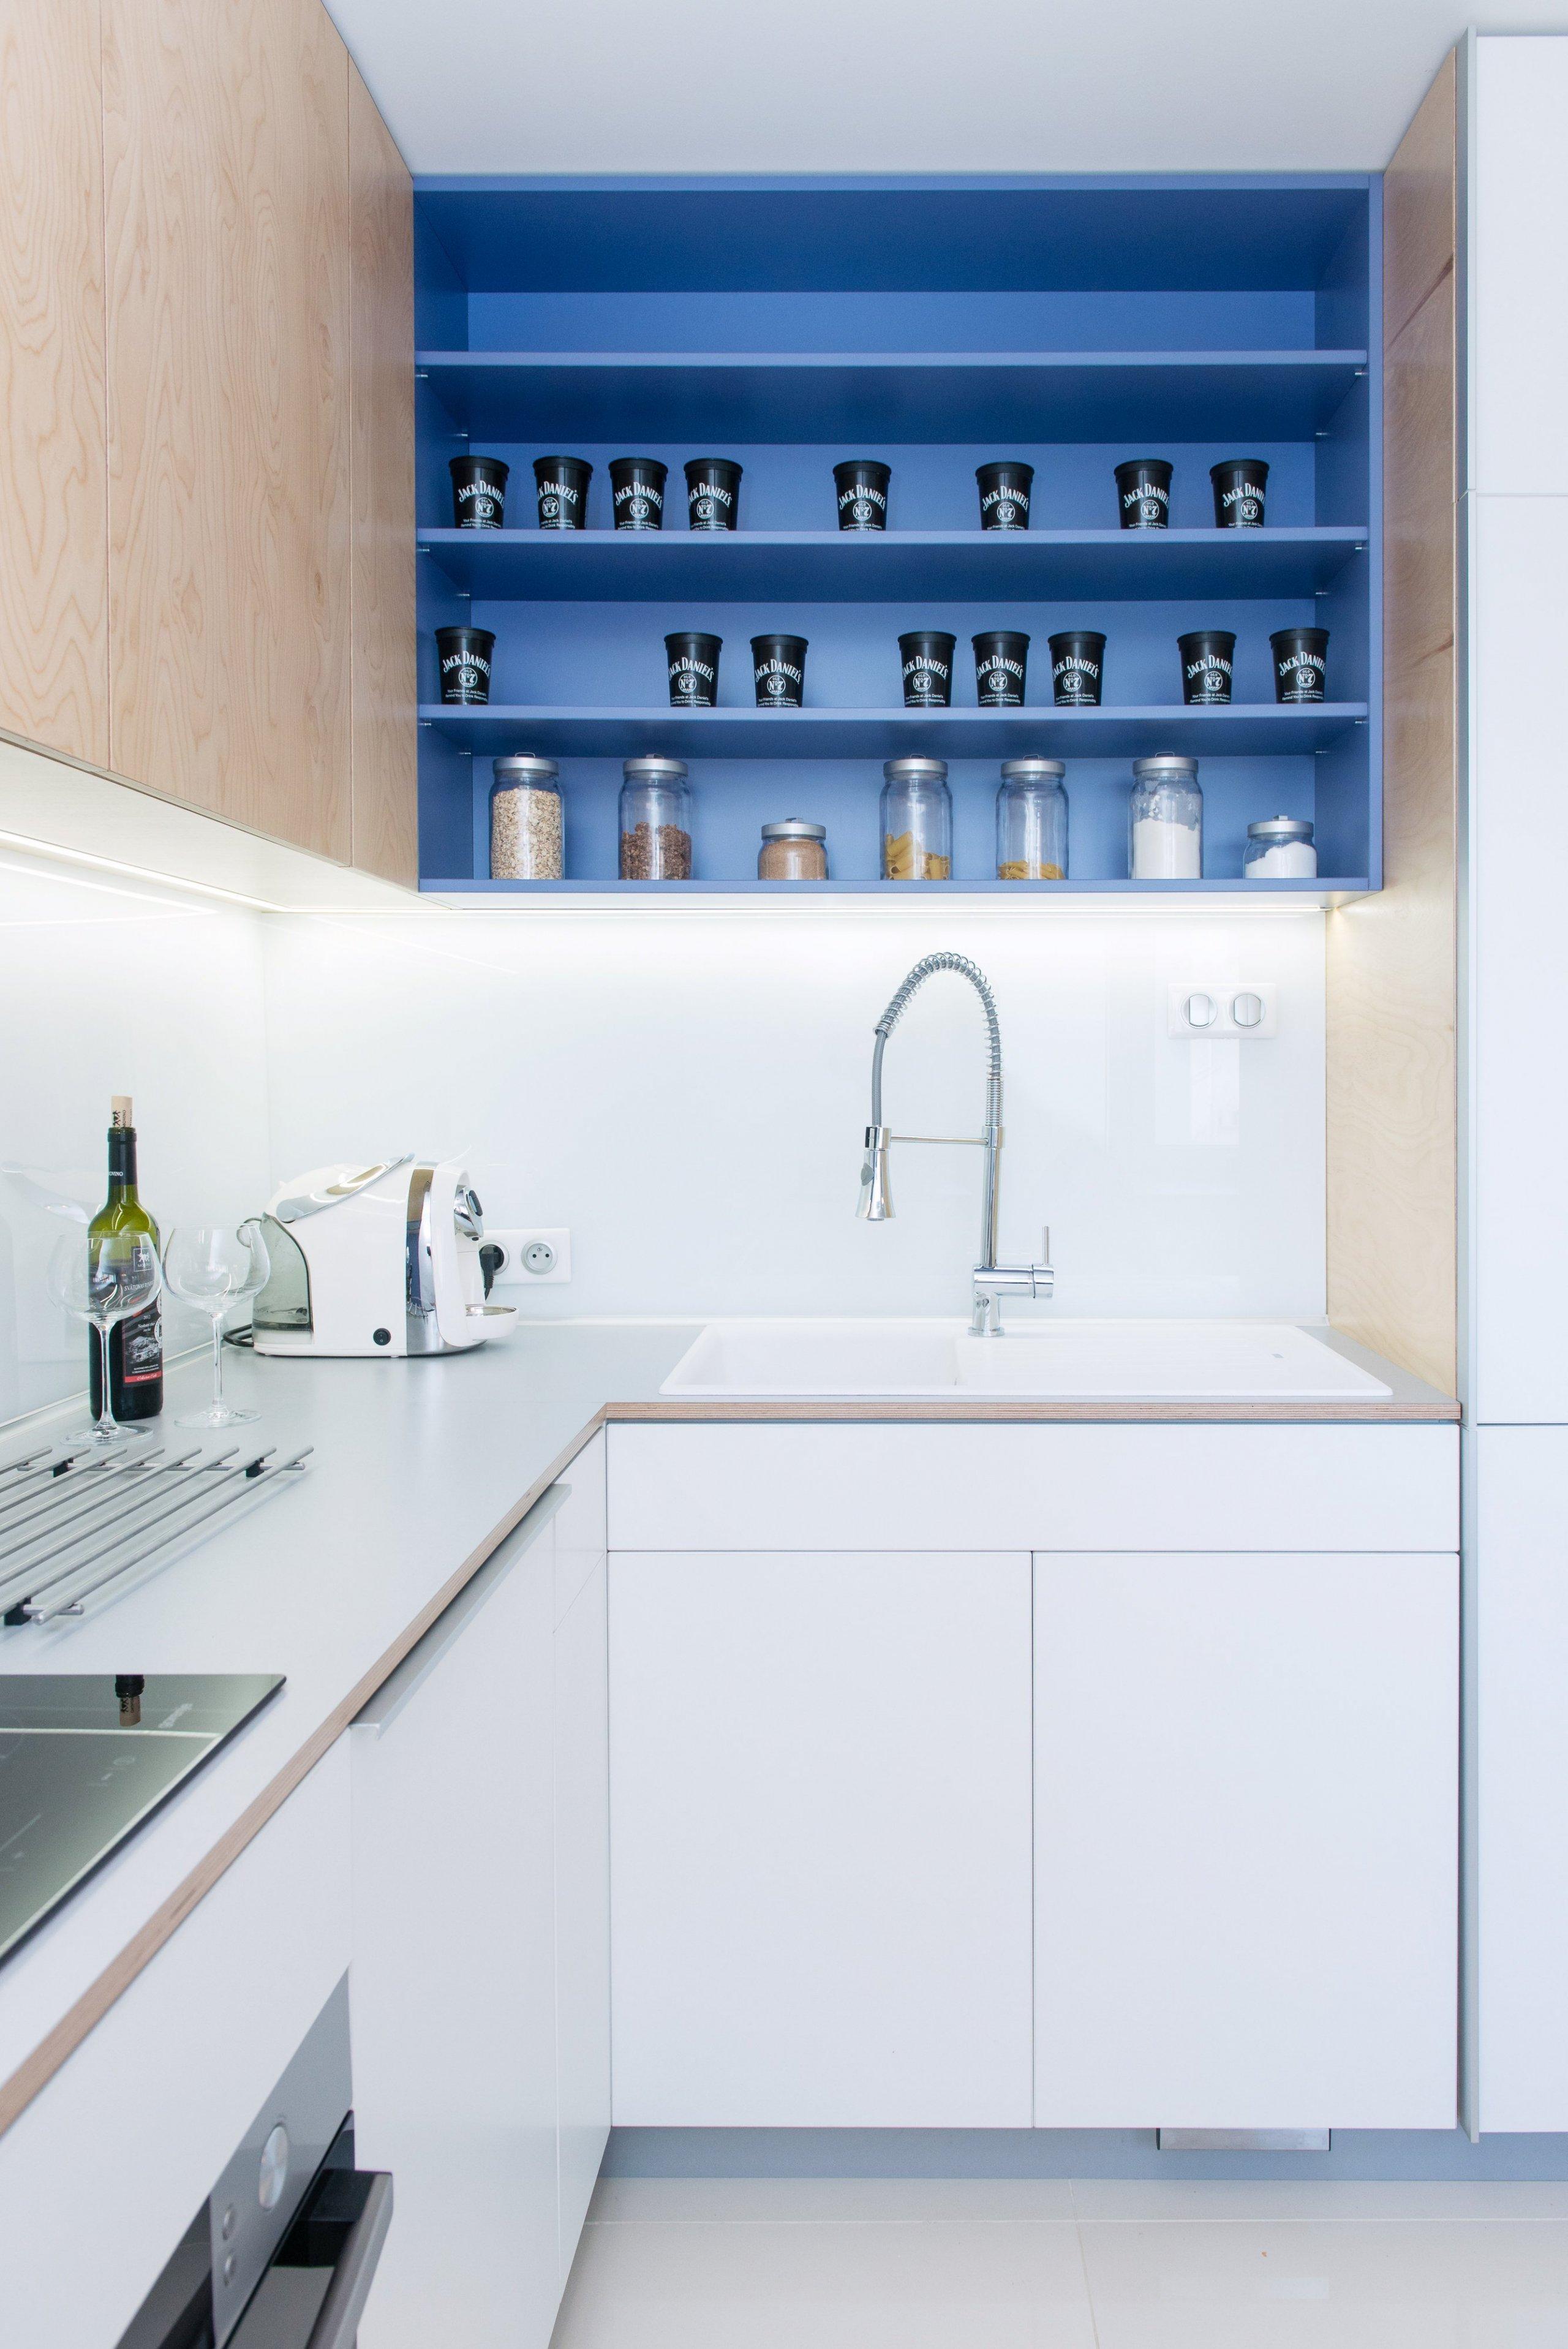 Spoločnosť Solidis, s.r.o. je obchodno-realizačná spoločnosť, ktorej hlavnou činnosťou je komplexné riešenie dodávky nábytku do interiérov, realizácia kúpeľní,…